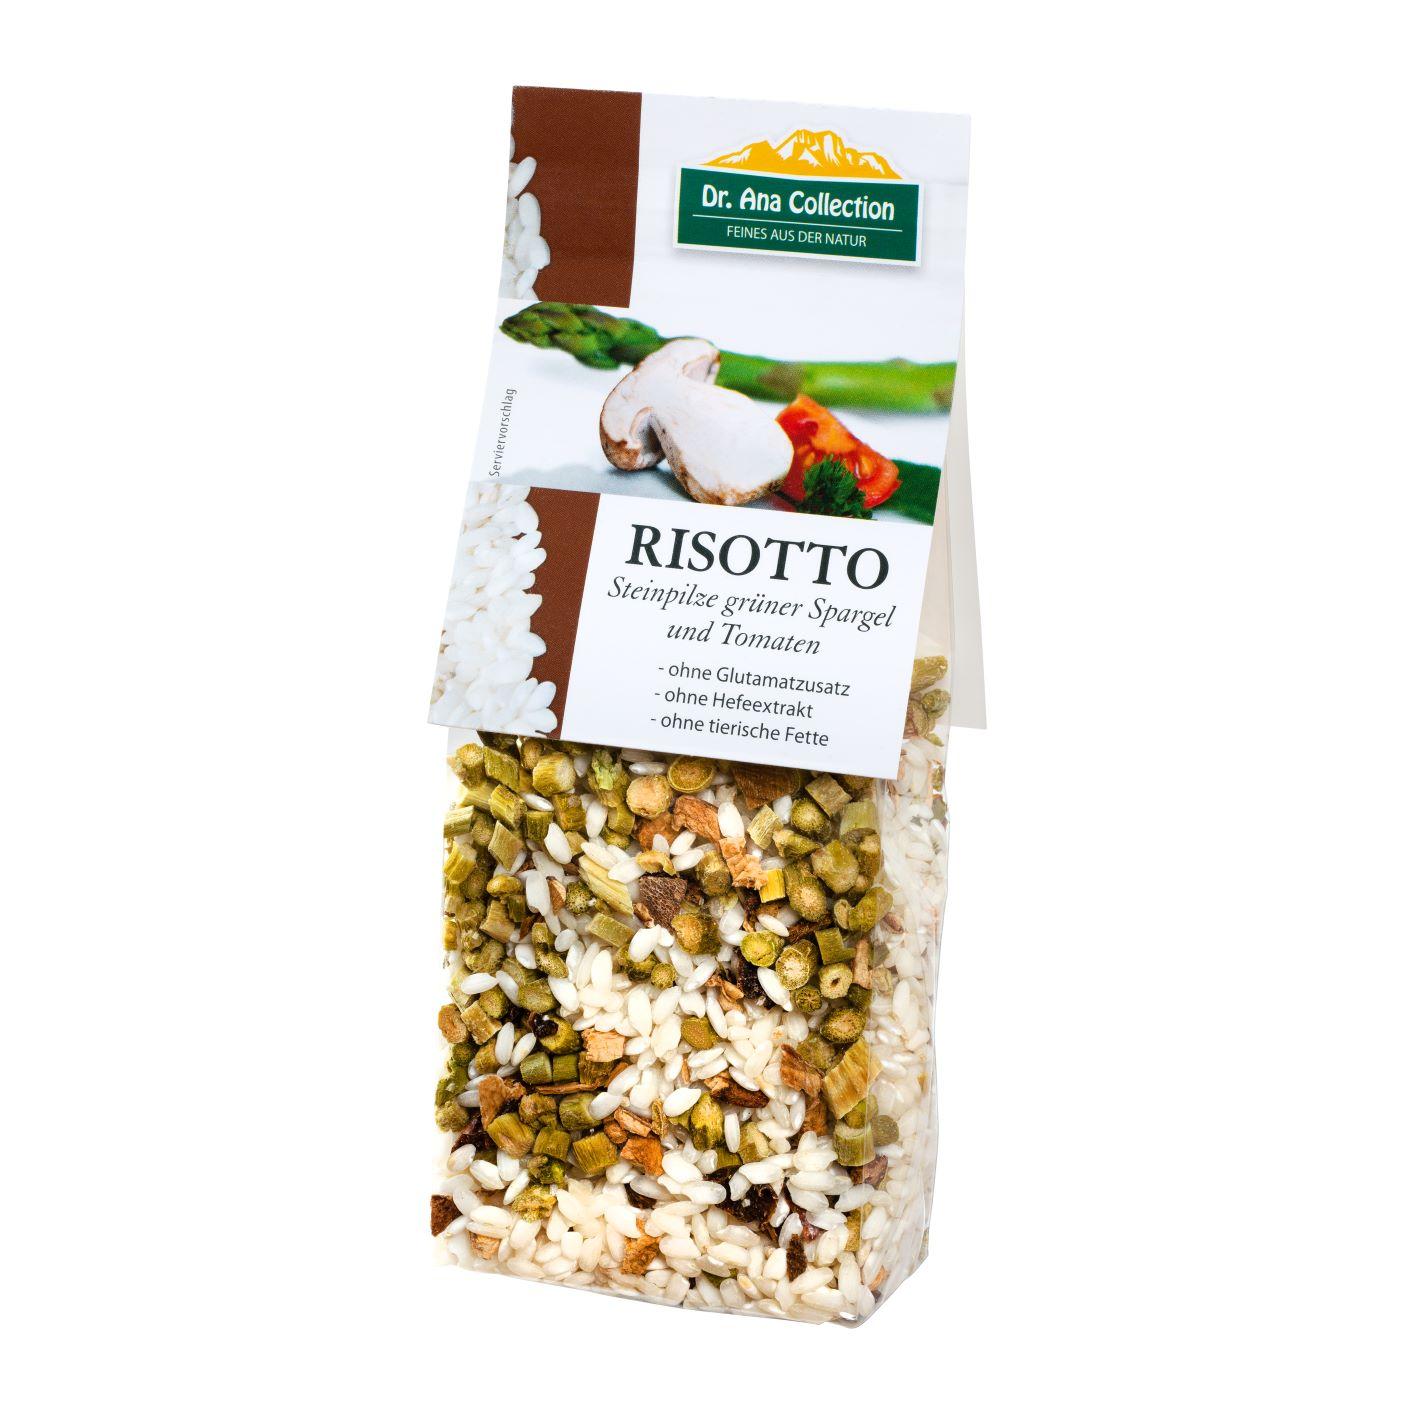 Risotto Steinpilze, grüner Spargel, Tomaten